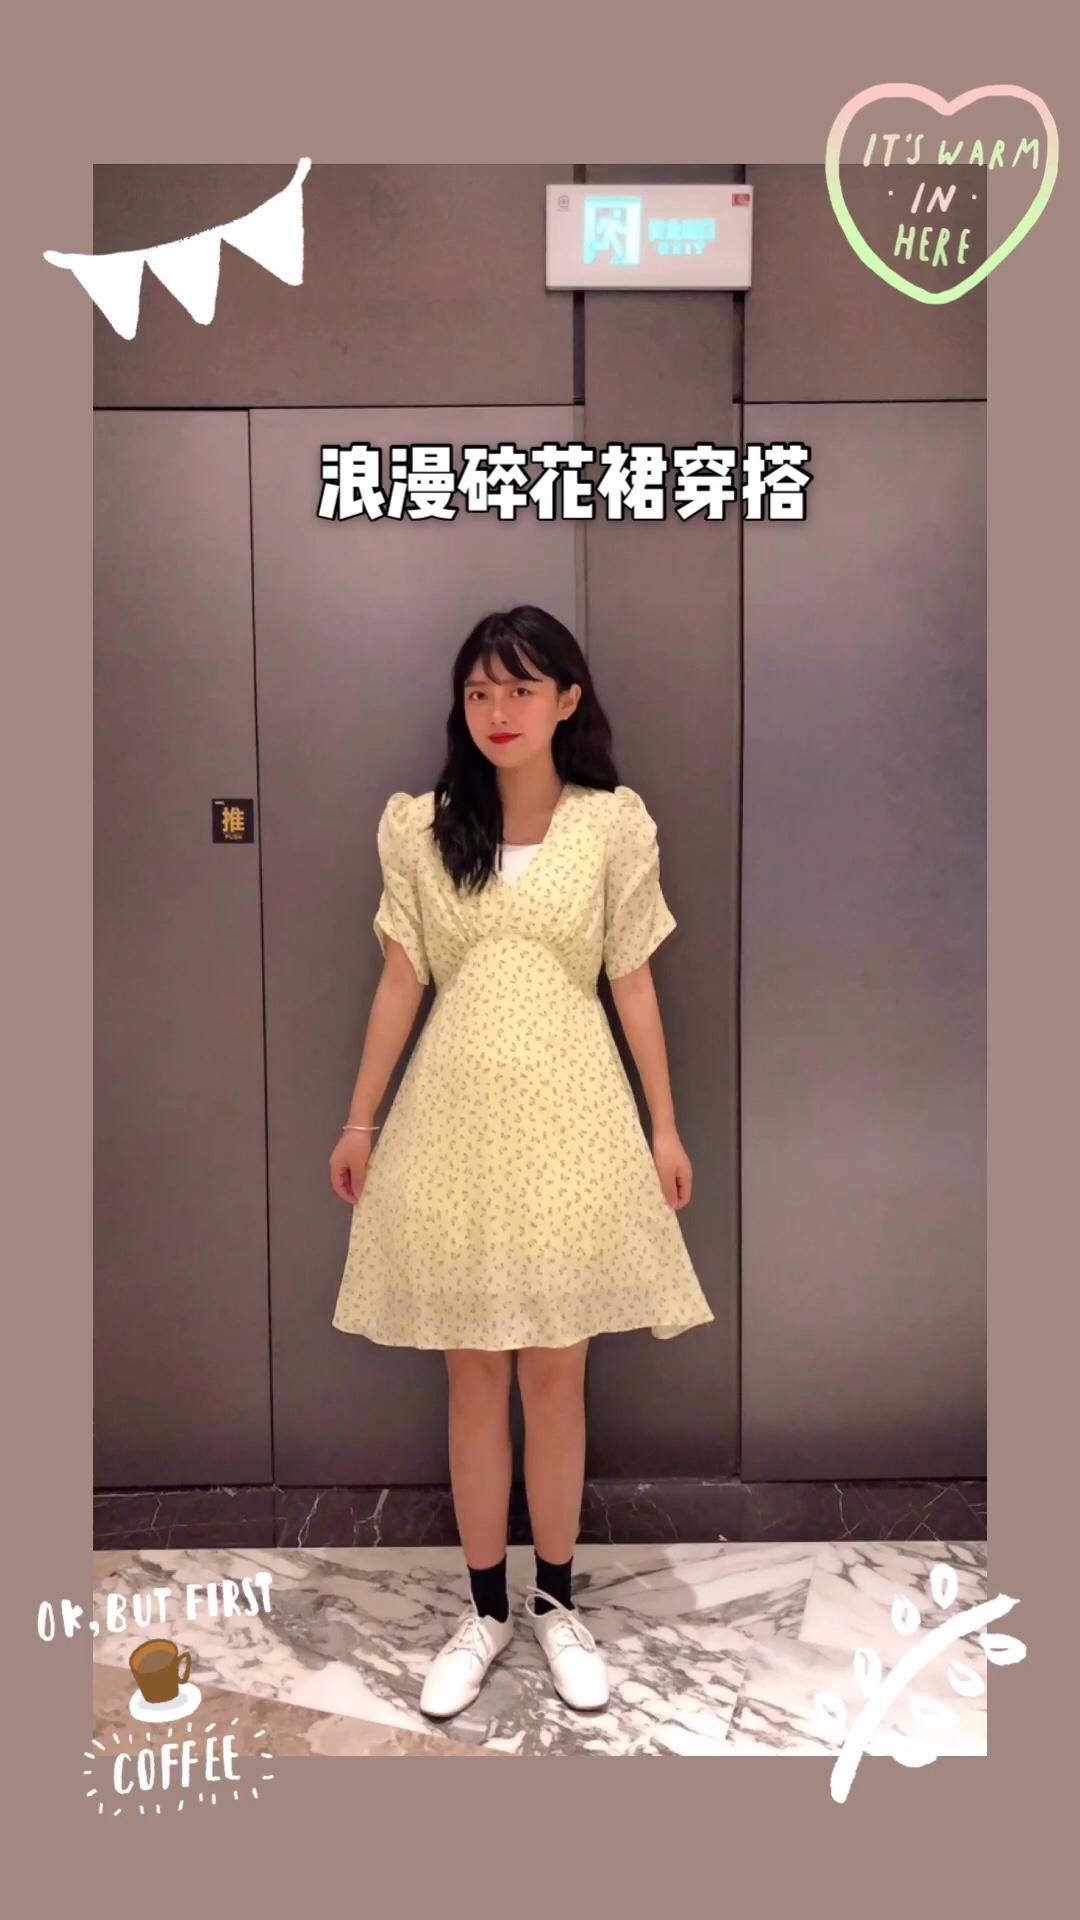 #小香风!温柔小姐姐必备#  法国浪漫桔梗裙 这种小花朵超级有夏天清新的感觉 这条裙子的版型真的很显瘦 v领的设计显的颈部线条特别好而且还有点小性感 裙子的花纹又很俏皮可爱 两种风格相互融合  裙子的收腰设计 很好的显出身材!真的是一条不可错的俏皮可爱的小裙子!